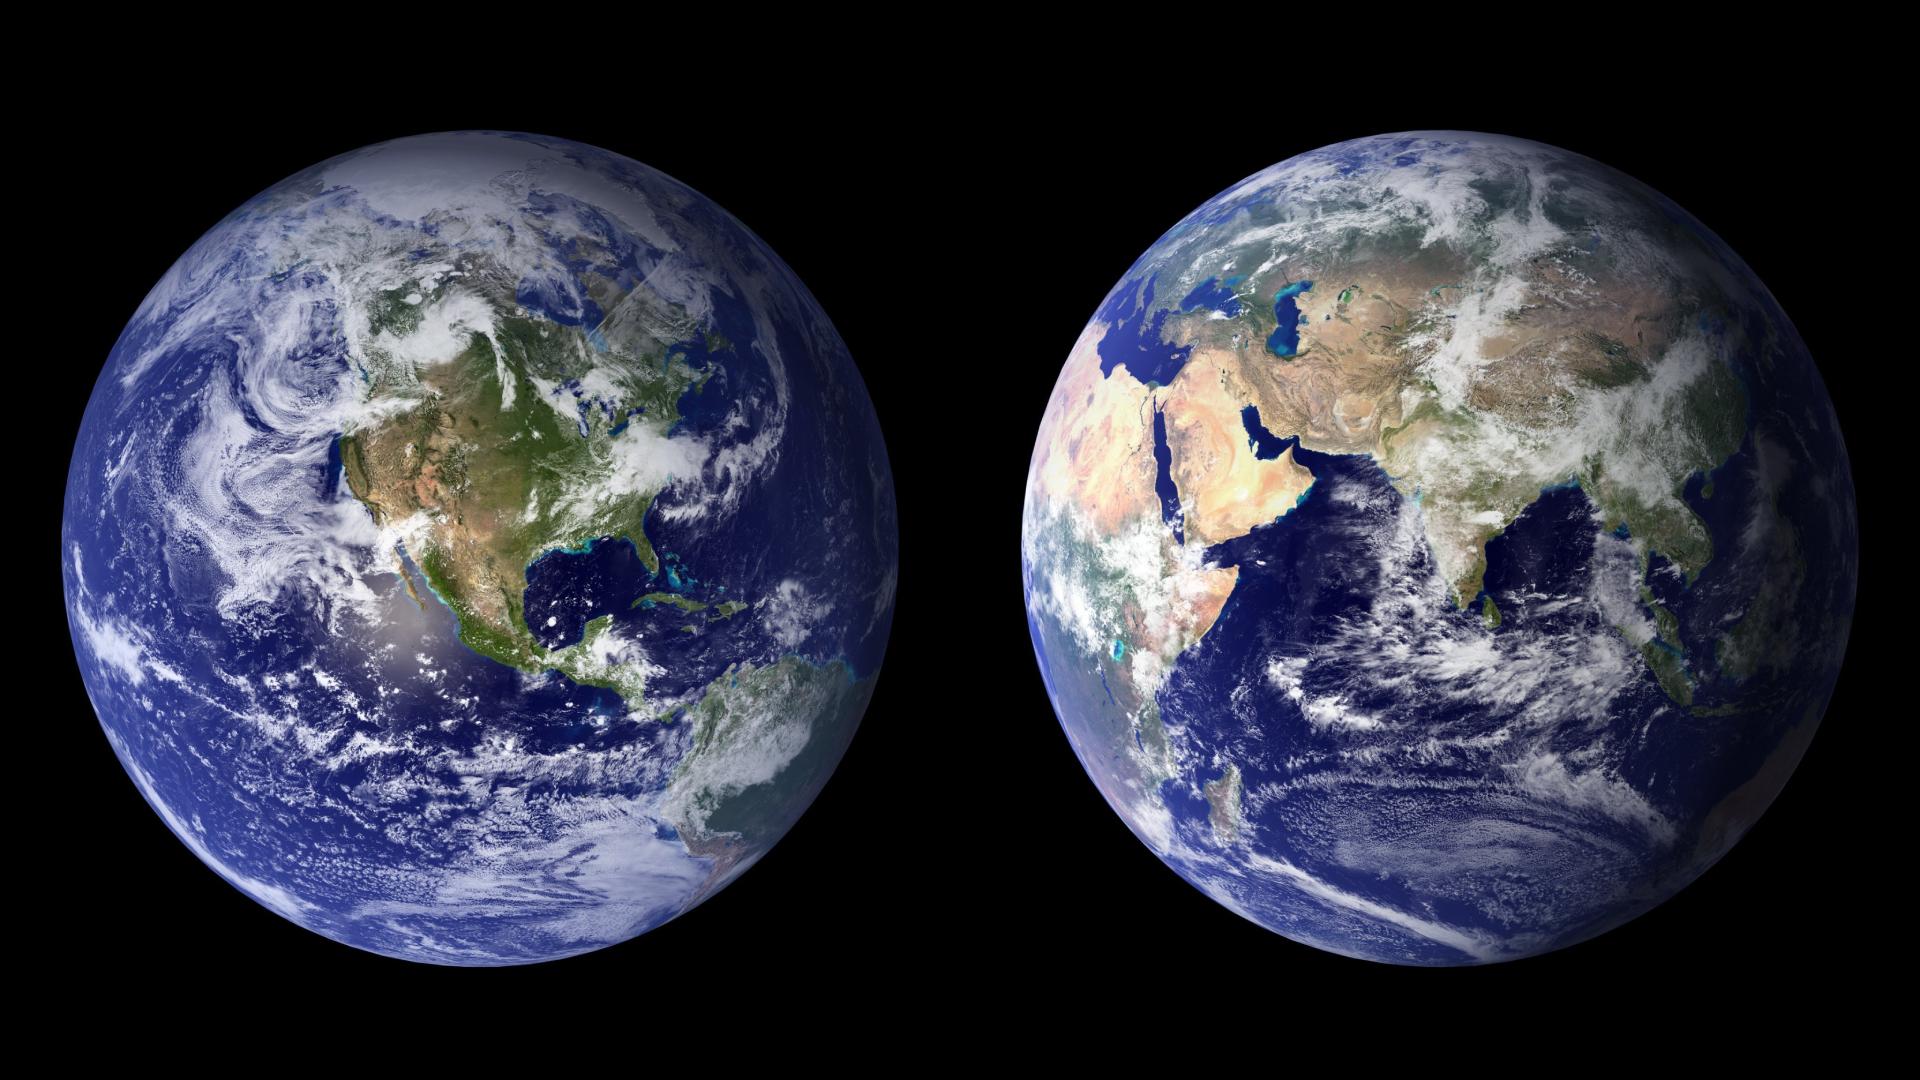 Benestar Planetari UPF Planetary Wellbeing